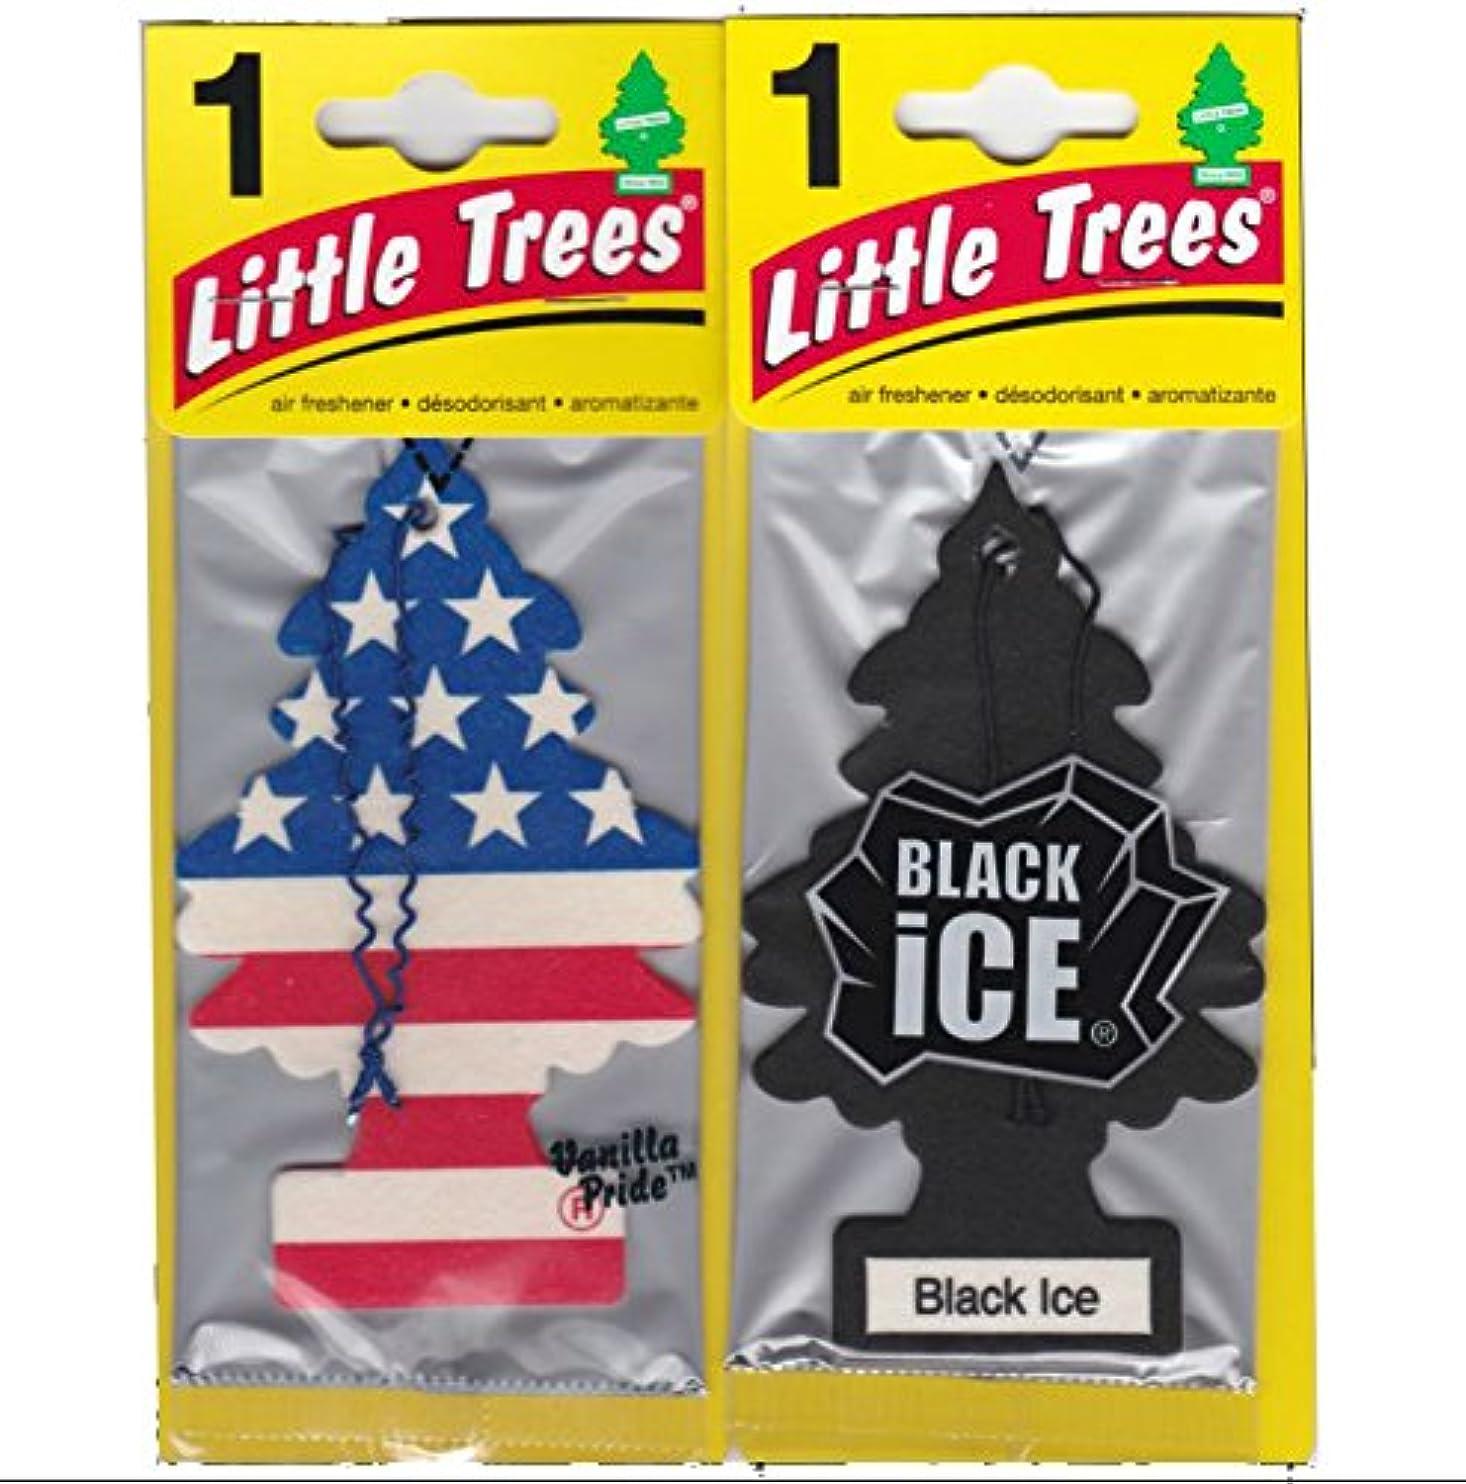 敷居ボトルネック酒Little Trees 吊下げ式 芳香剤 エアーフレッシュナー ブラックアイス & バニラプライド [並行輸入品]